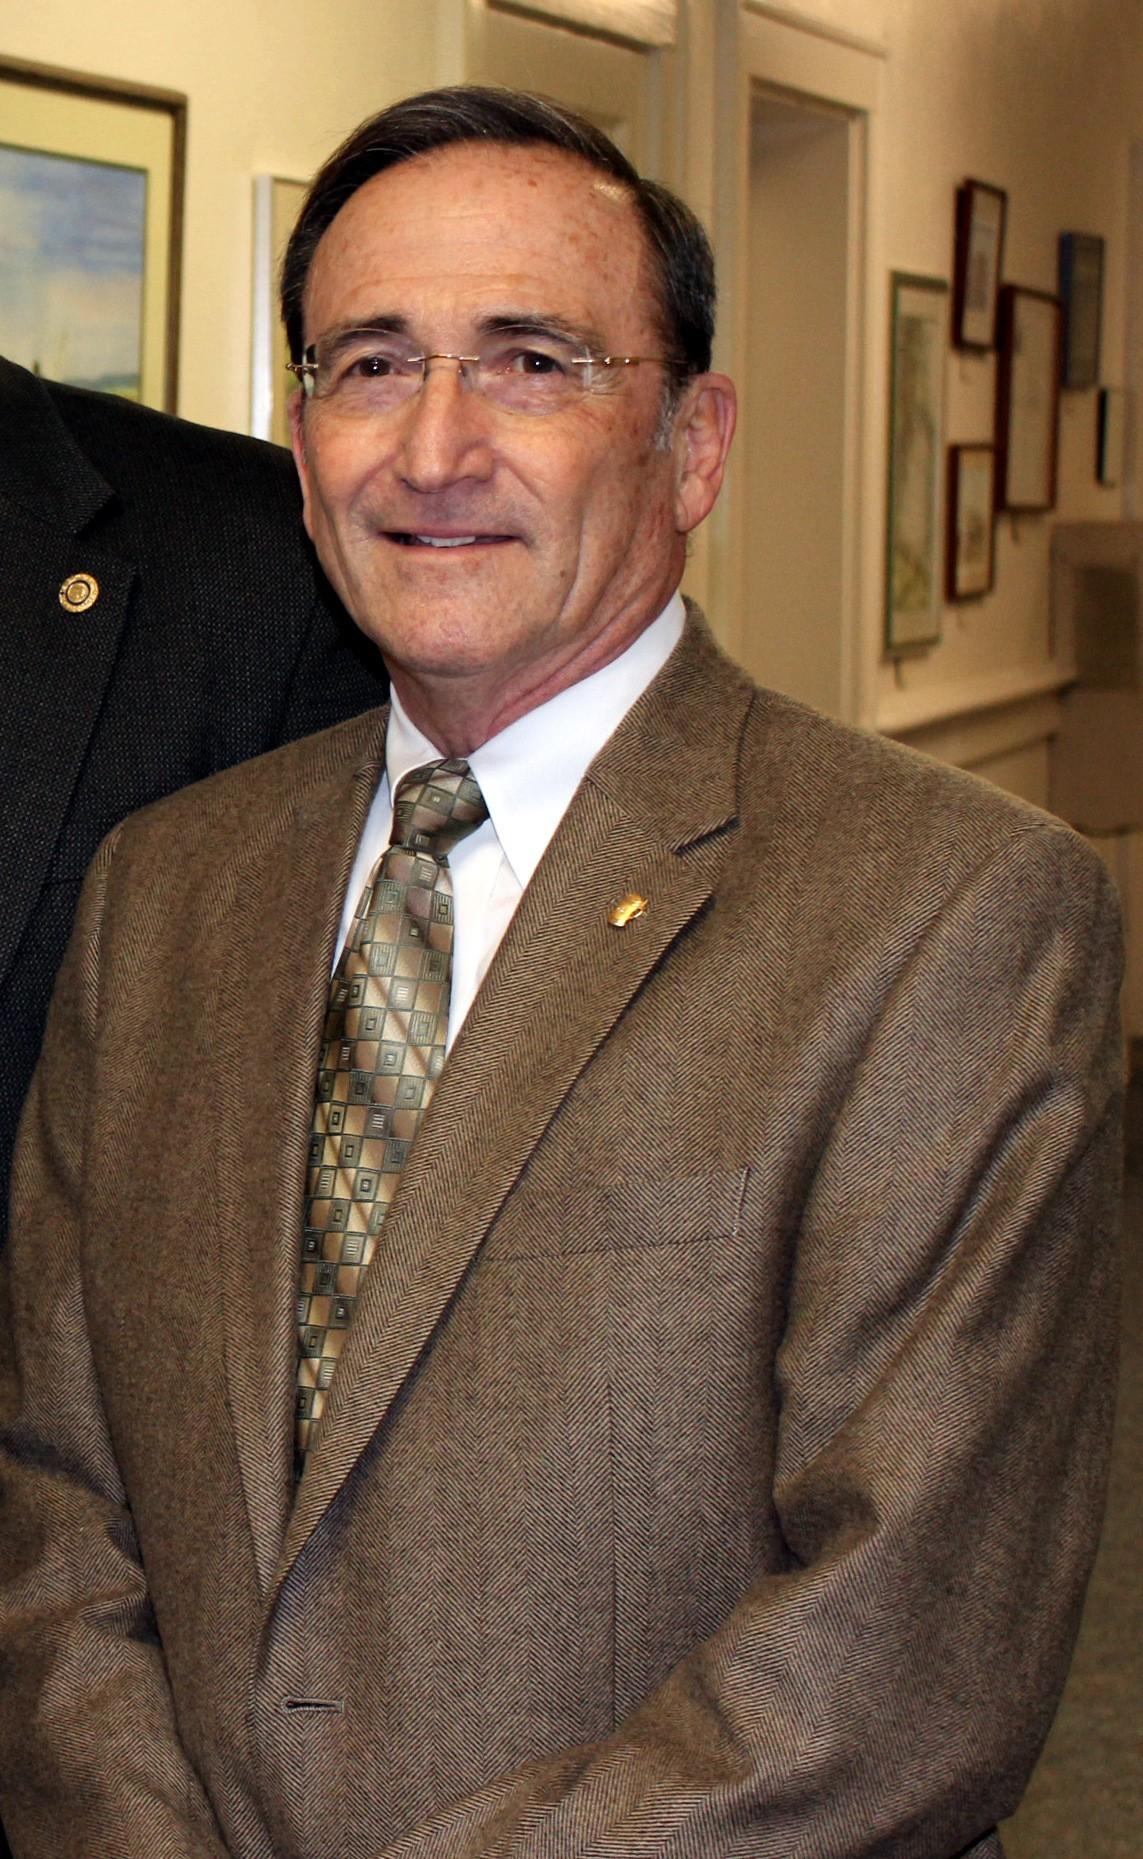 Col. (Ret.) Robert Acher